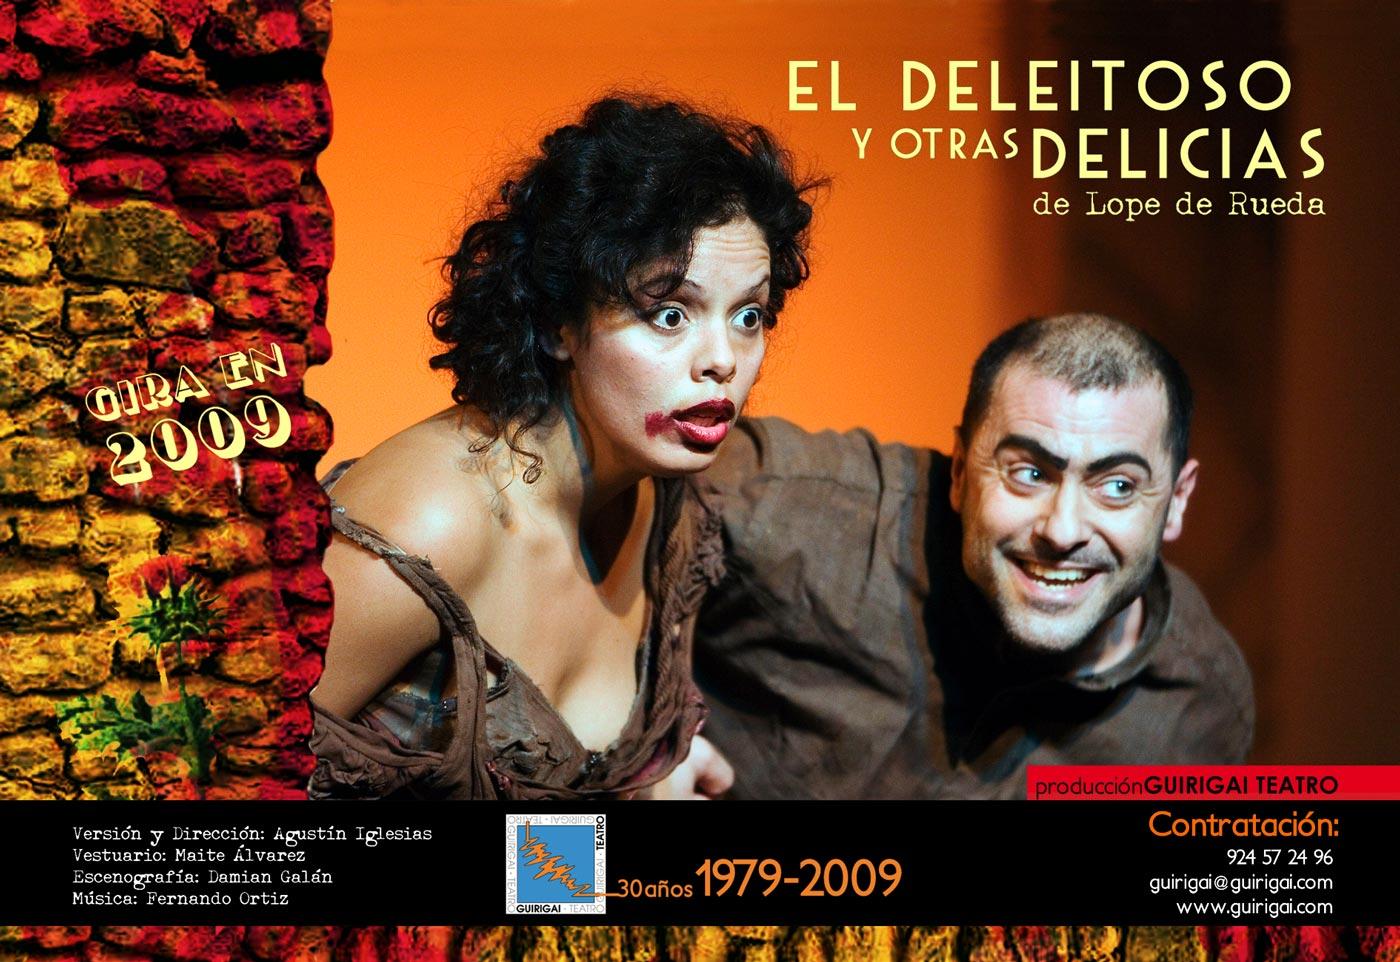 2008-el-deleitoso-guirigai-cartel-0005